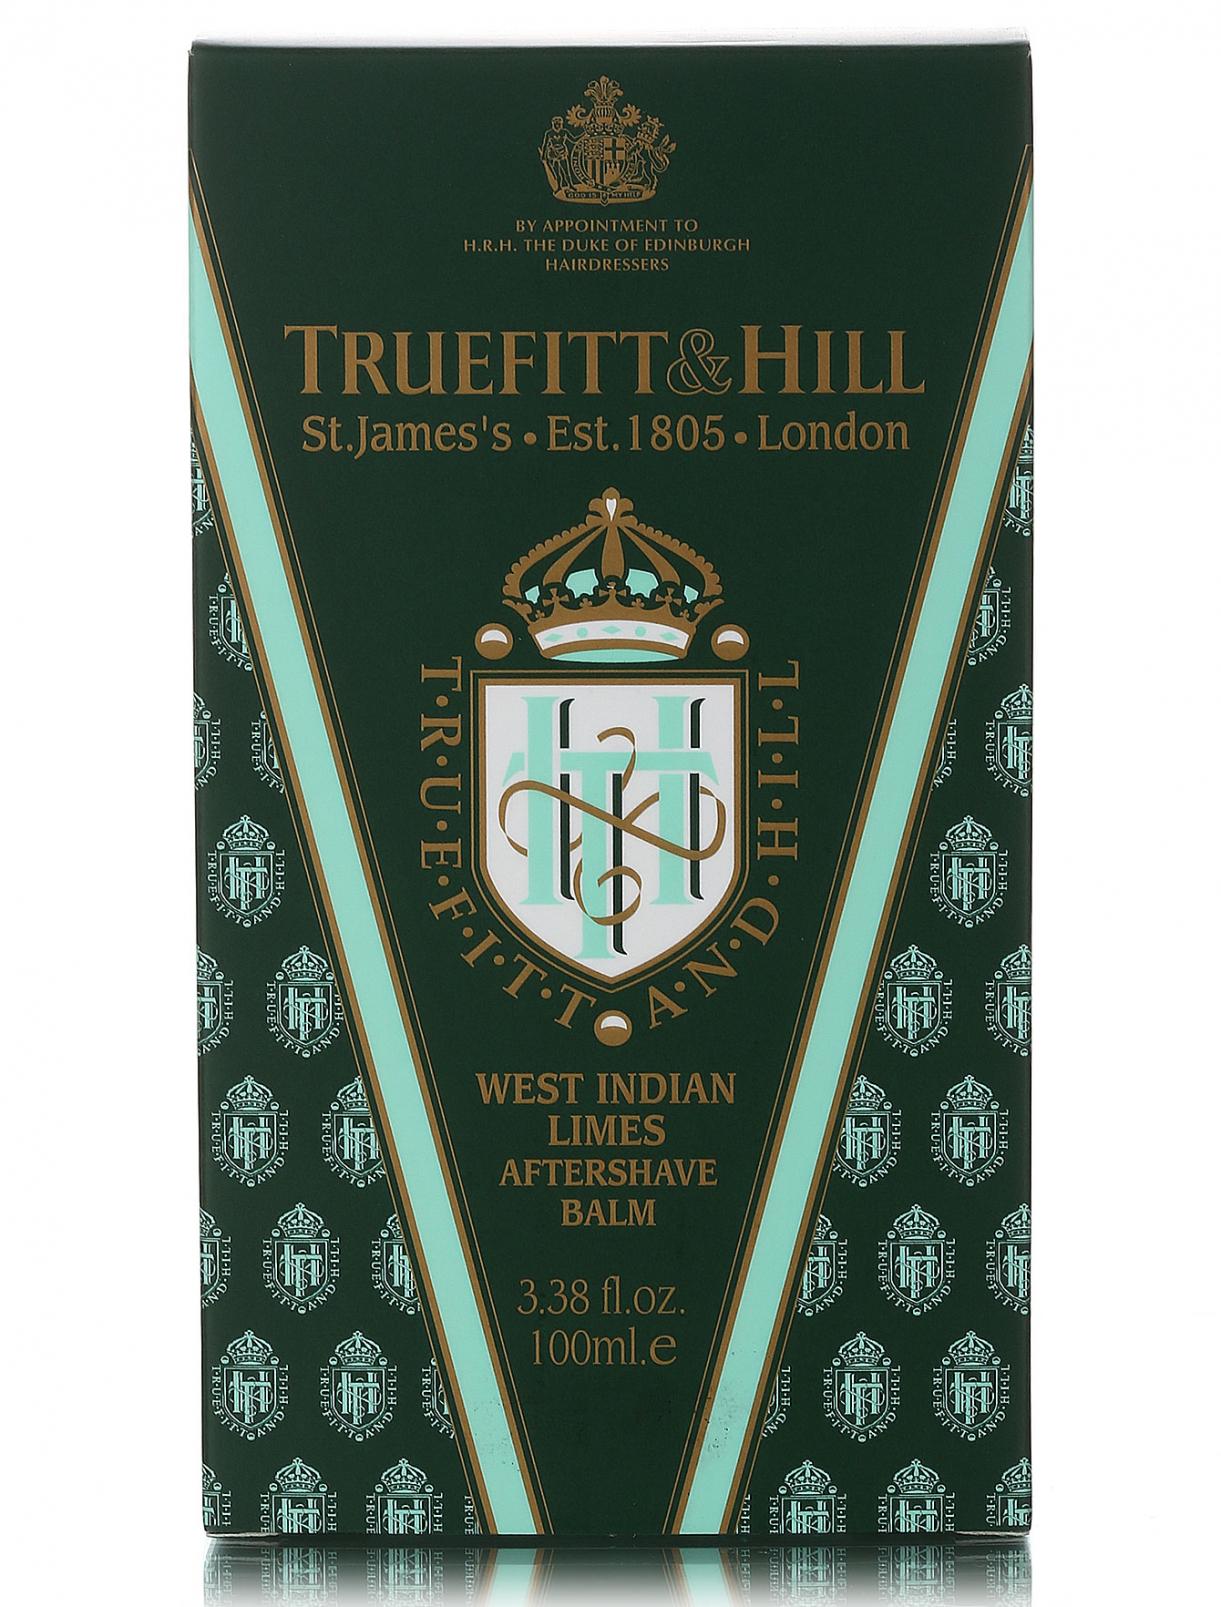 Бальзам после бритья - West indian limes, 100ml Truefitt & Hill  –  Модель Общий вид